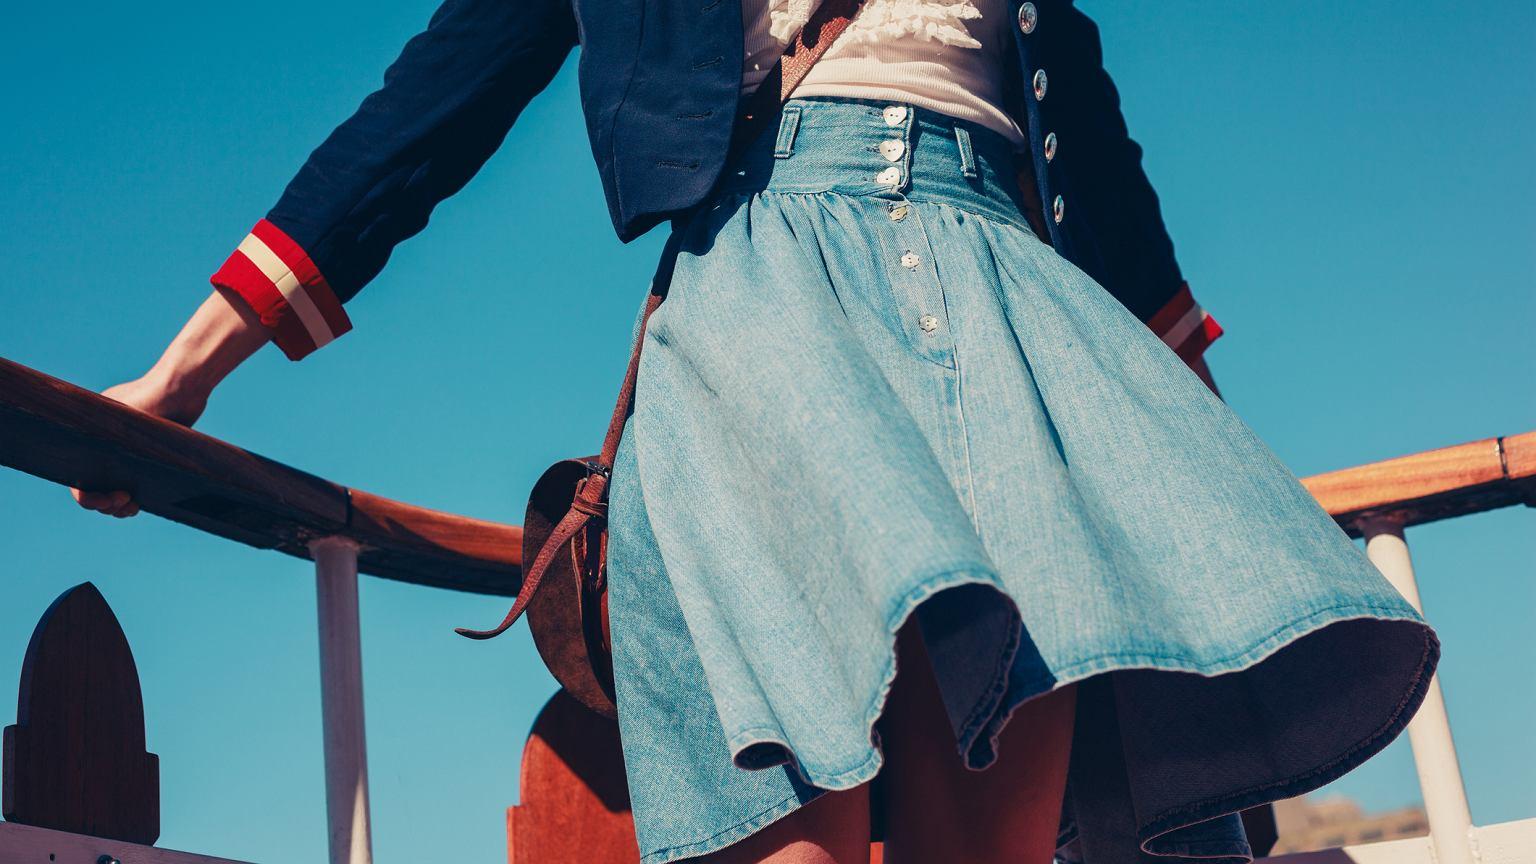 ef8a0d0d Rozkloszowana spódnica - trzy stylizacje na wiosnę